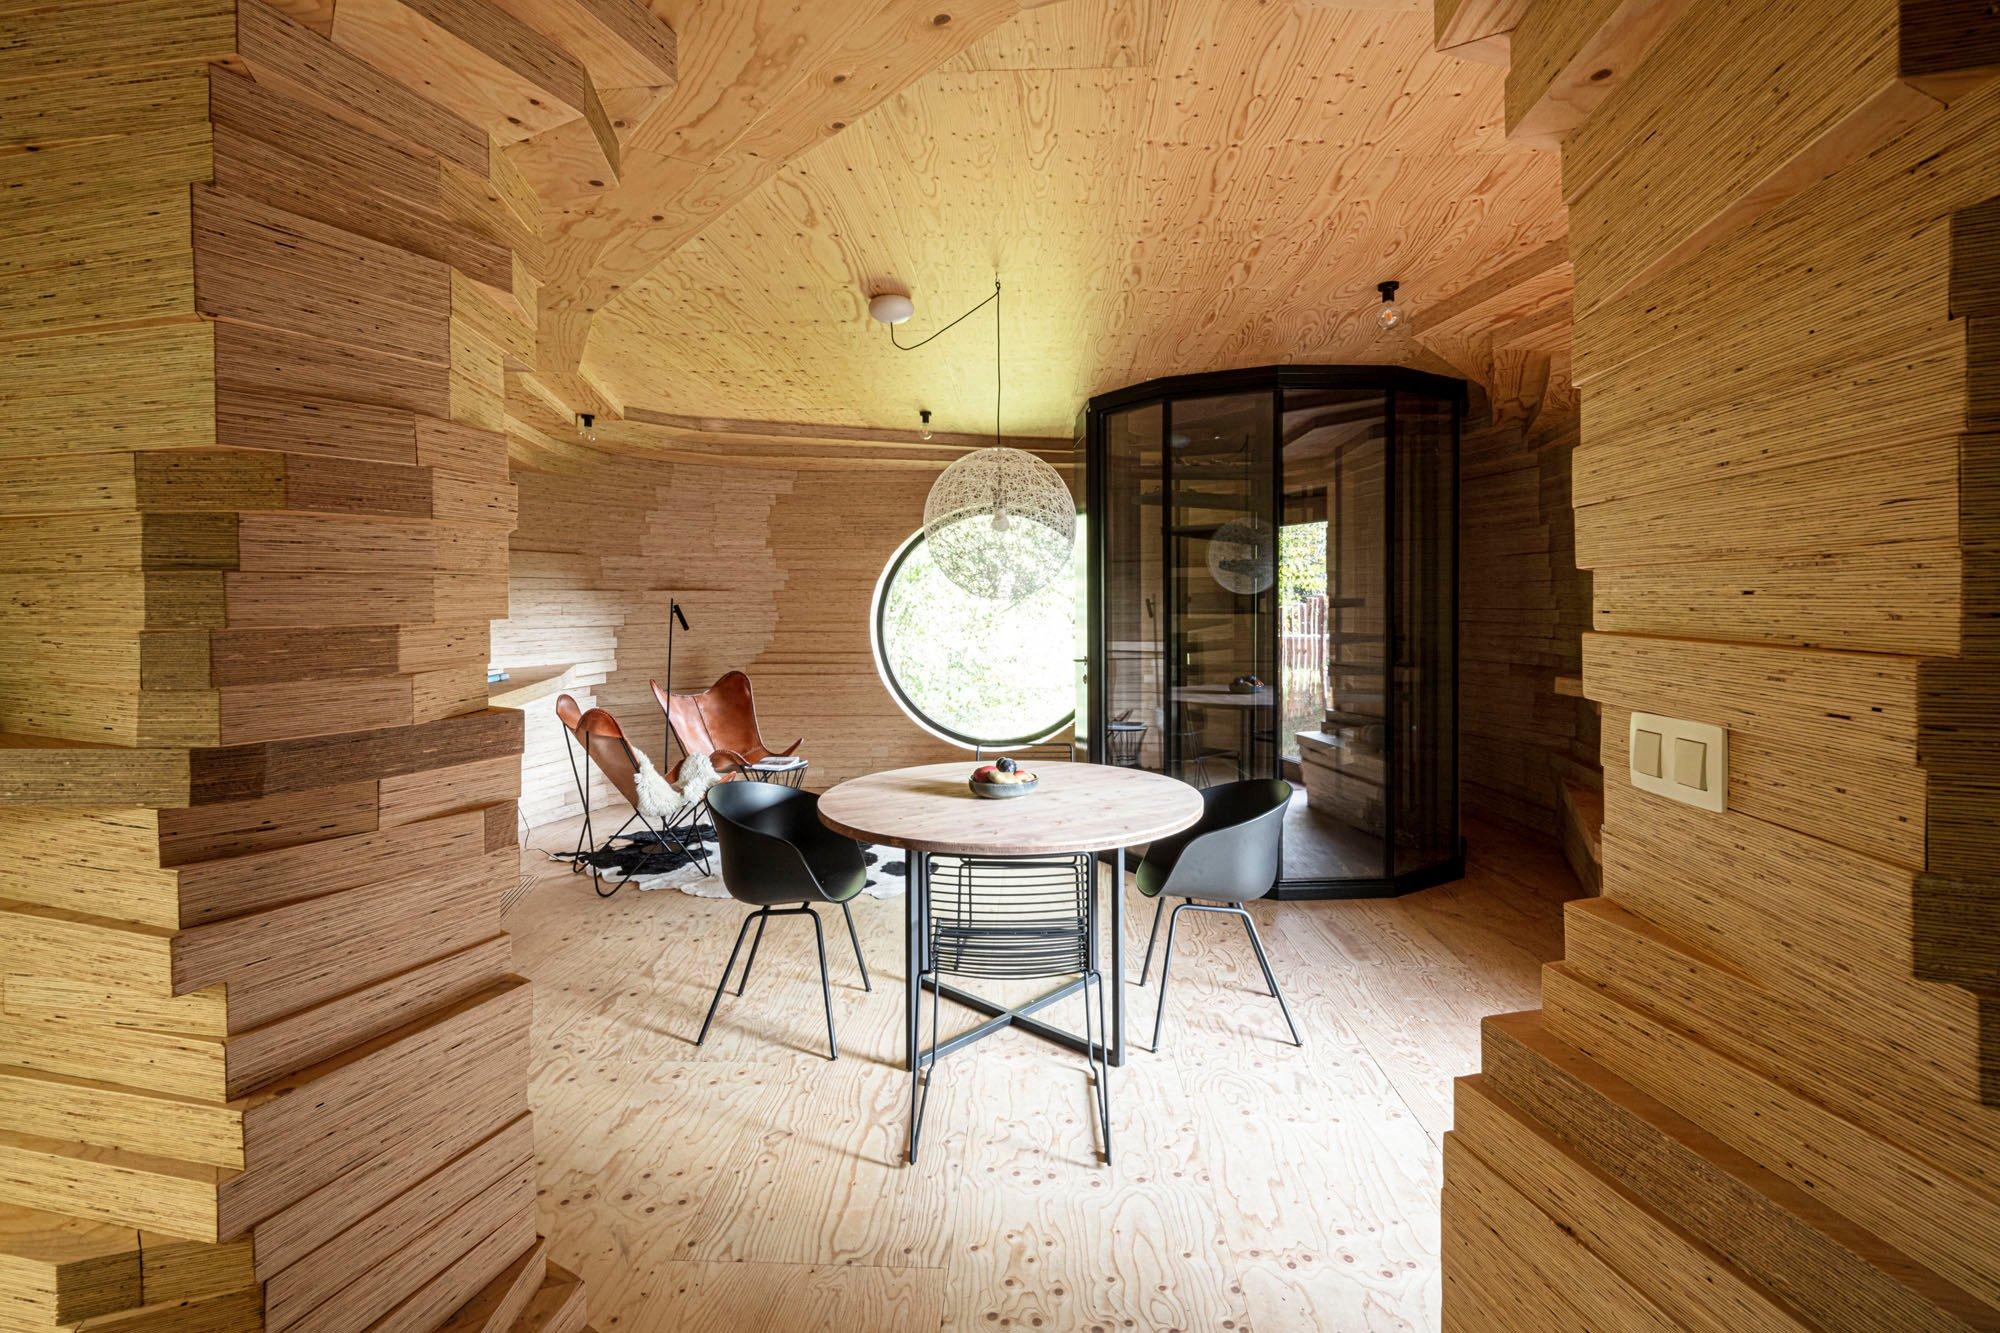 Das Interieur gleicht einer Höhle, die allerdings nicht in einen Felsen geschlagen wurde, sondern auf dem flachen Land aus reinem Schichtholz konstruiert wurde.